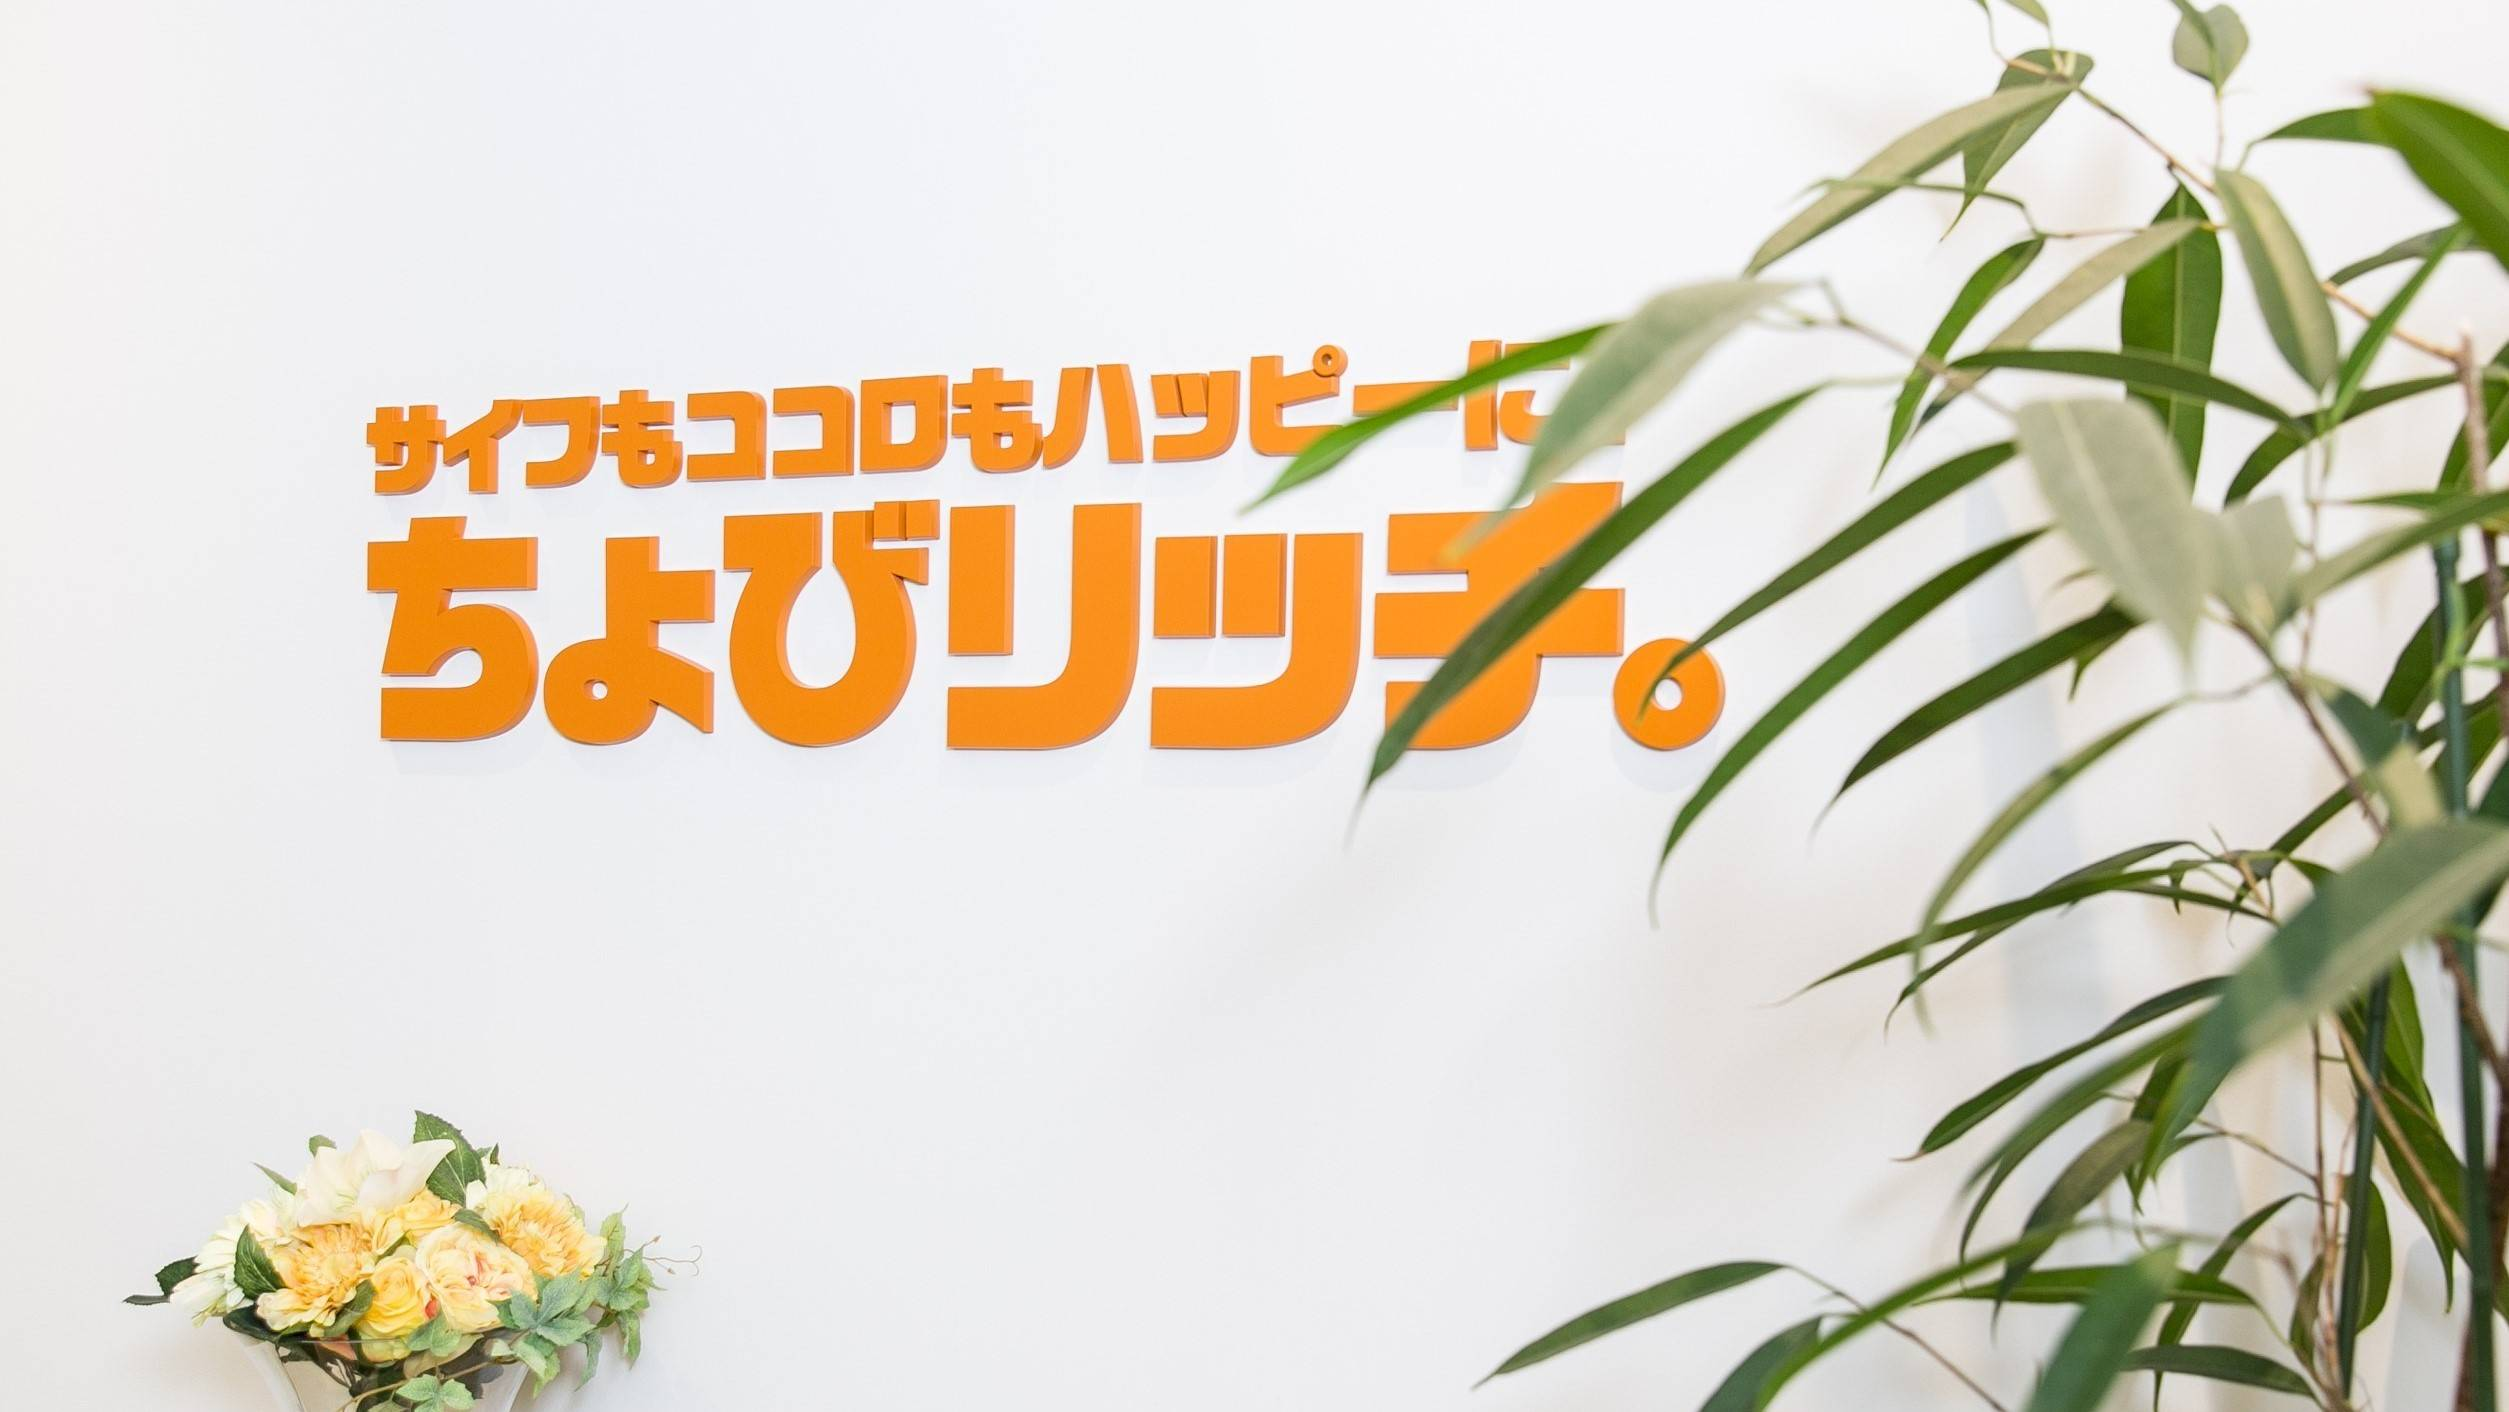 株式会社ちょびリッチ